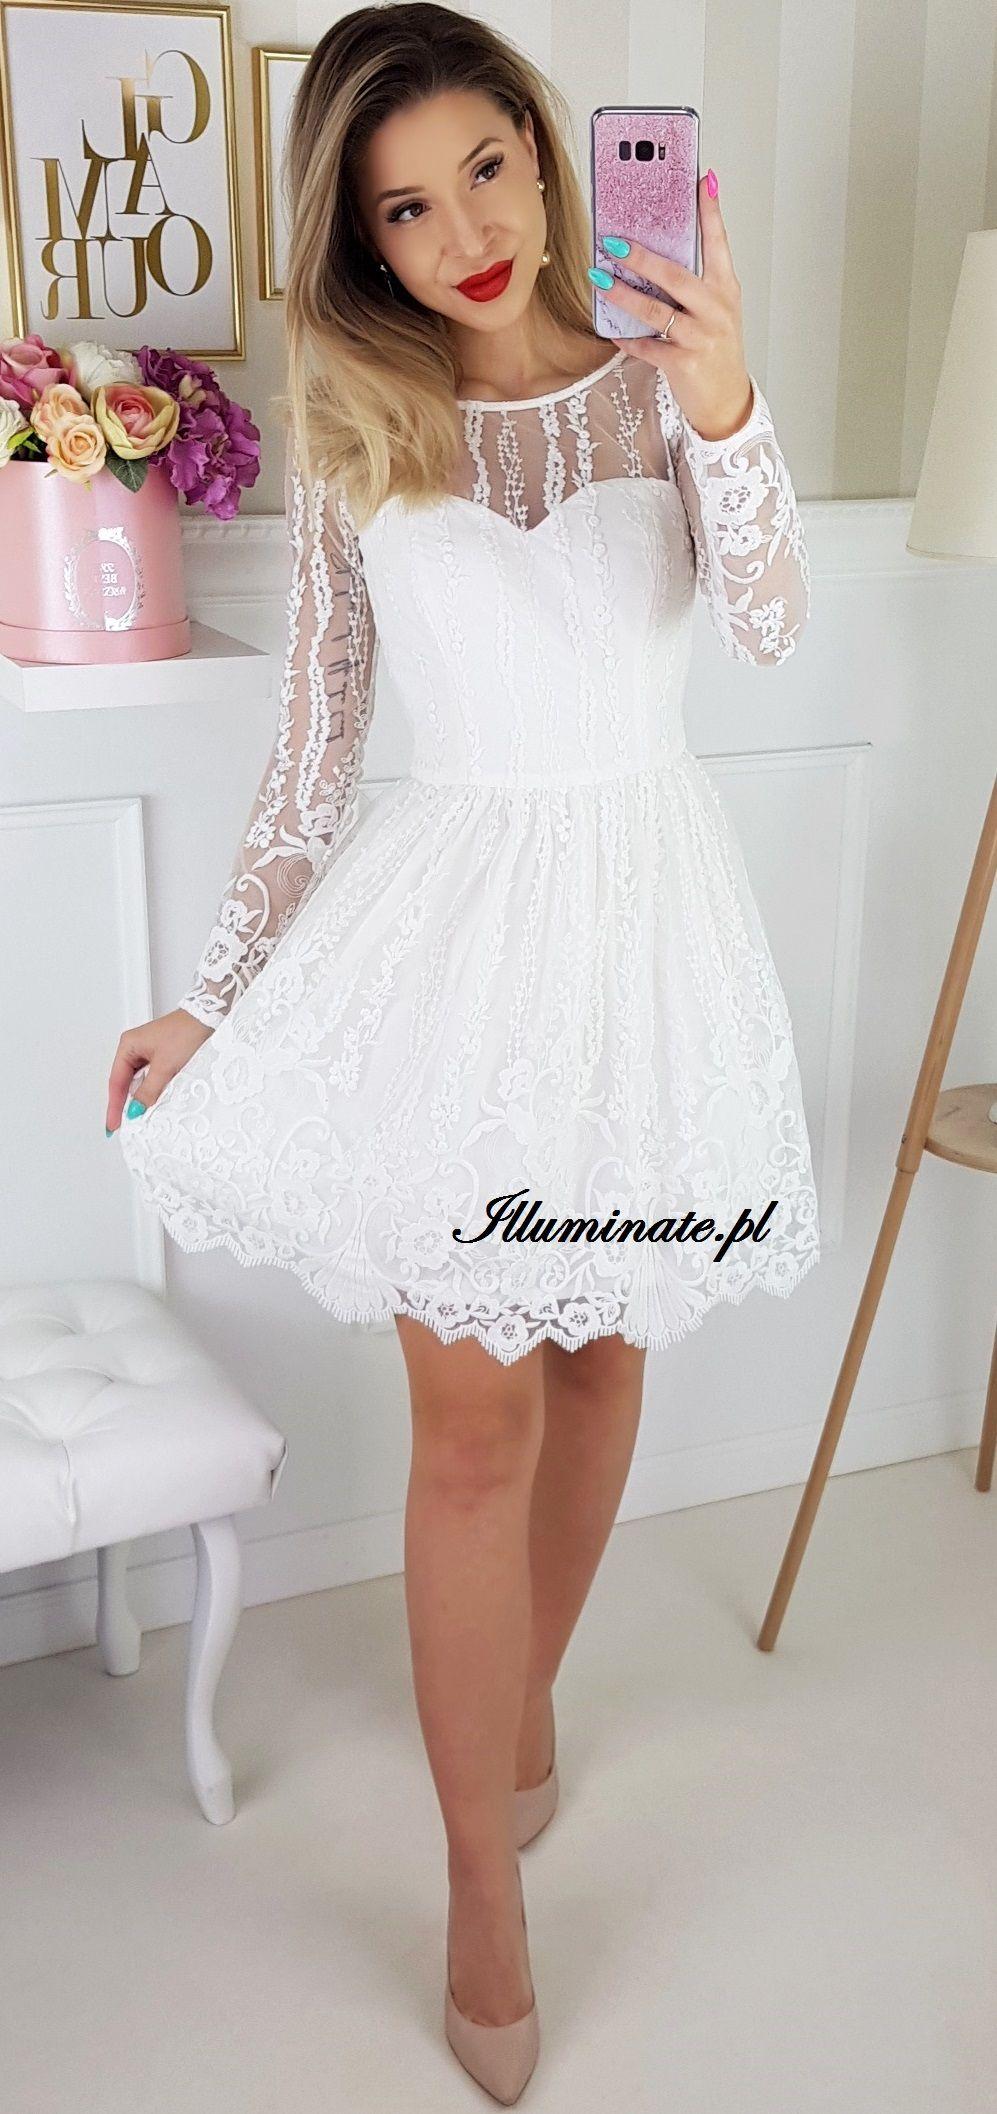 ed18d85a58 Biała koronkowa tiulowa sukienka na poprawiny. Piękna krótka ślubna sukienka  z długim rękawem.